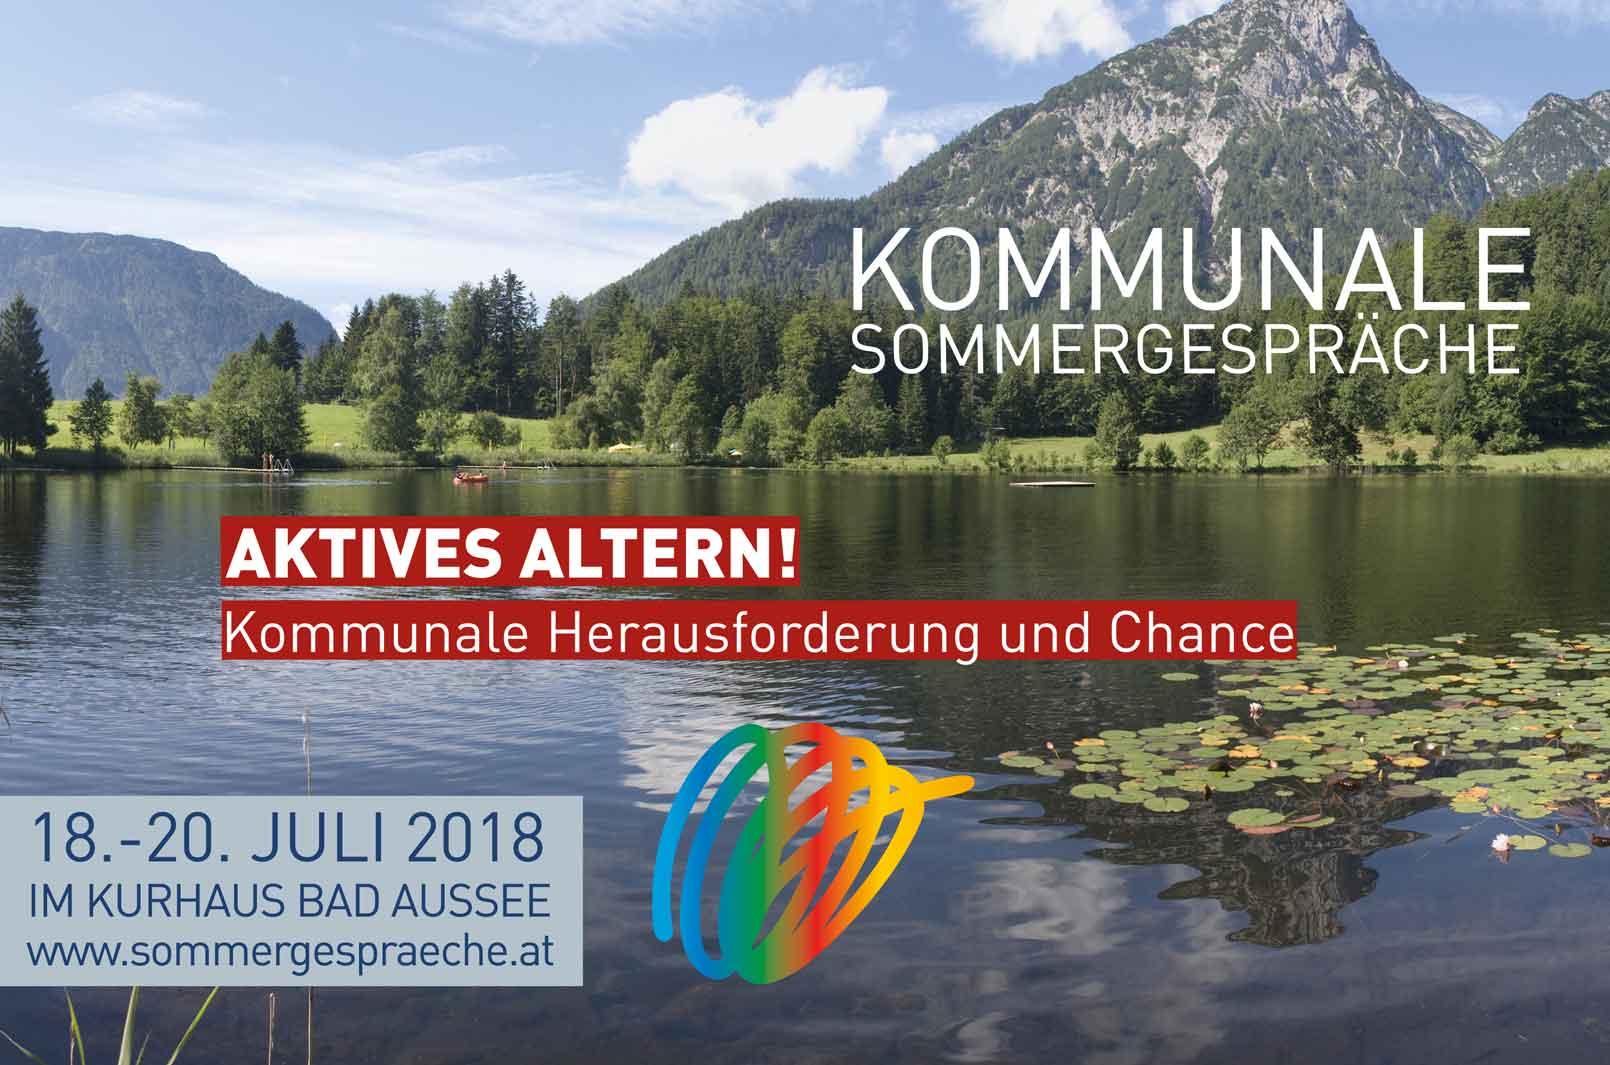 2018 werden Markus Hengstschläger, Julian Hadschieff, Wolfgang Mazal, Gottfried Haber und viele mehr bei den Kommunalen Sommergesprächen von 18. bis 20. Juli in Bad Aussee erwartet.